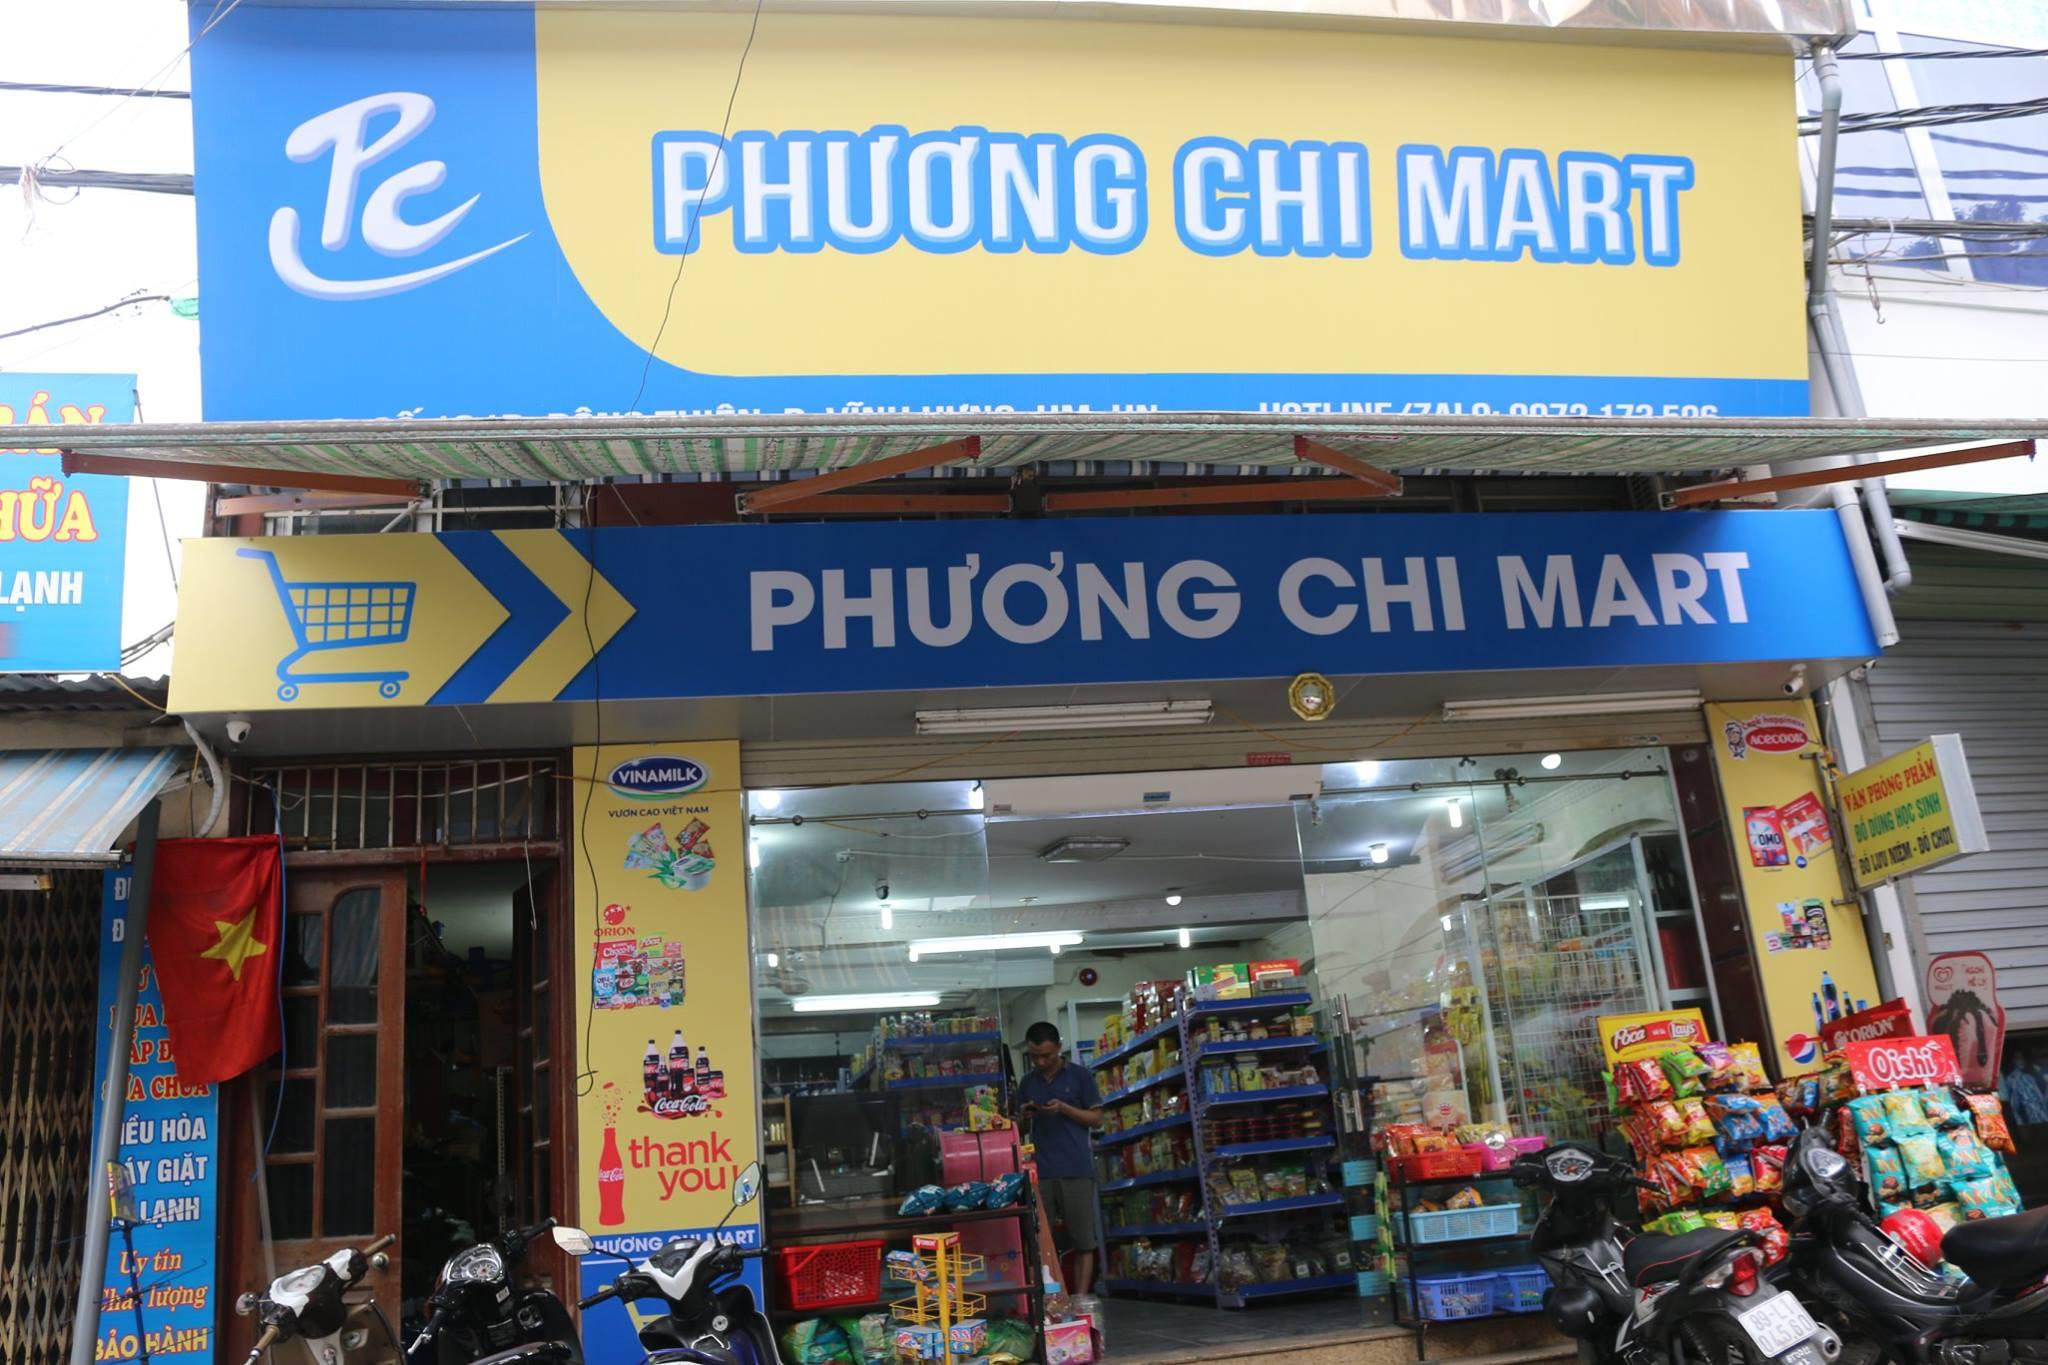 Nâng cấp cửa hàng tạp hoá tại Hà Nội